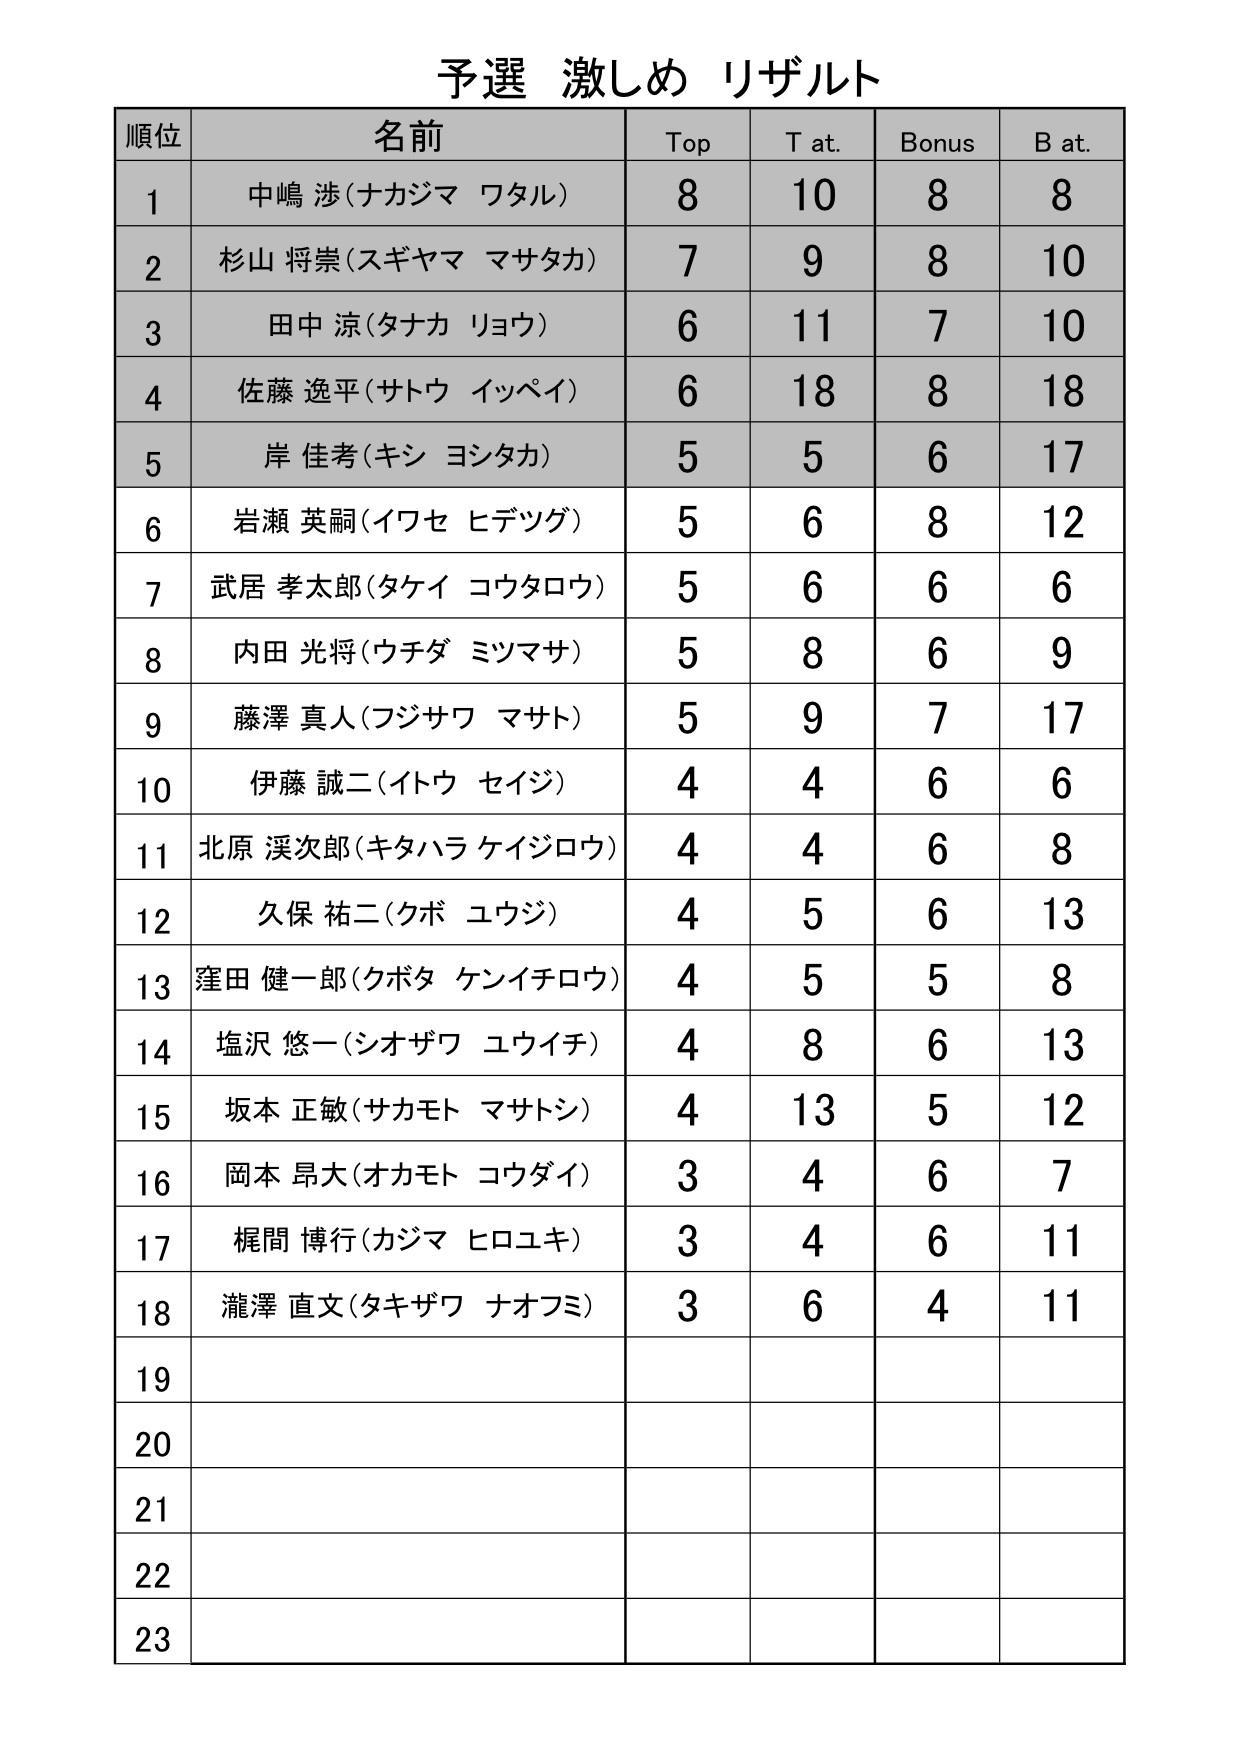 予選決勝リザルト 予選リザルト 激しめ (結果).jpg